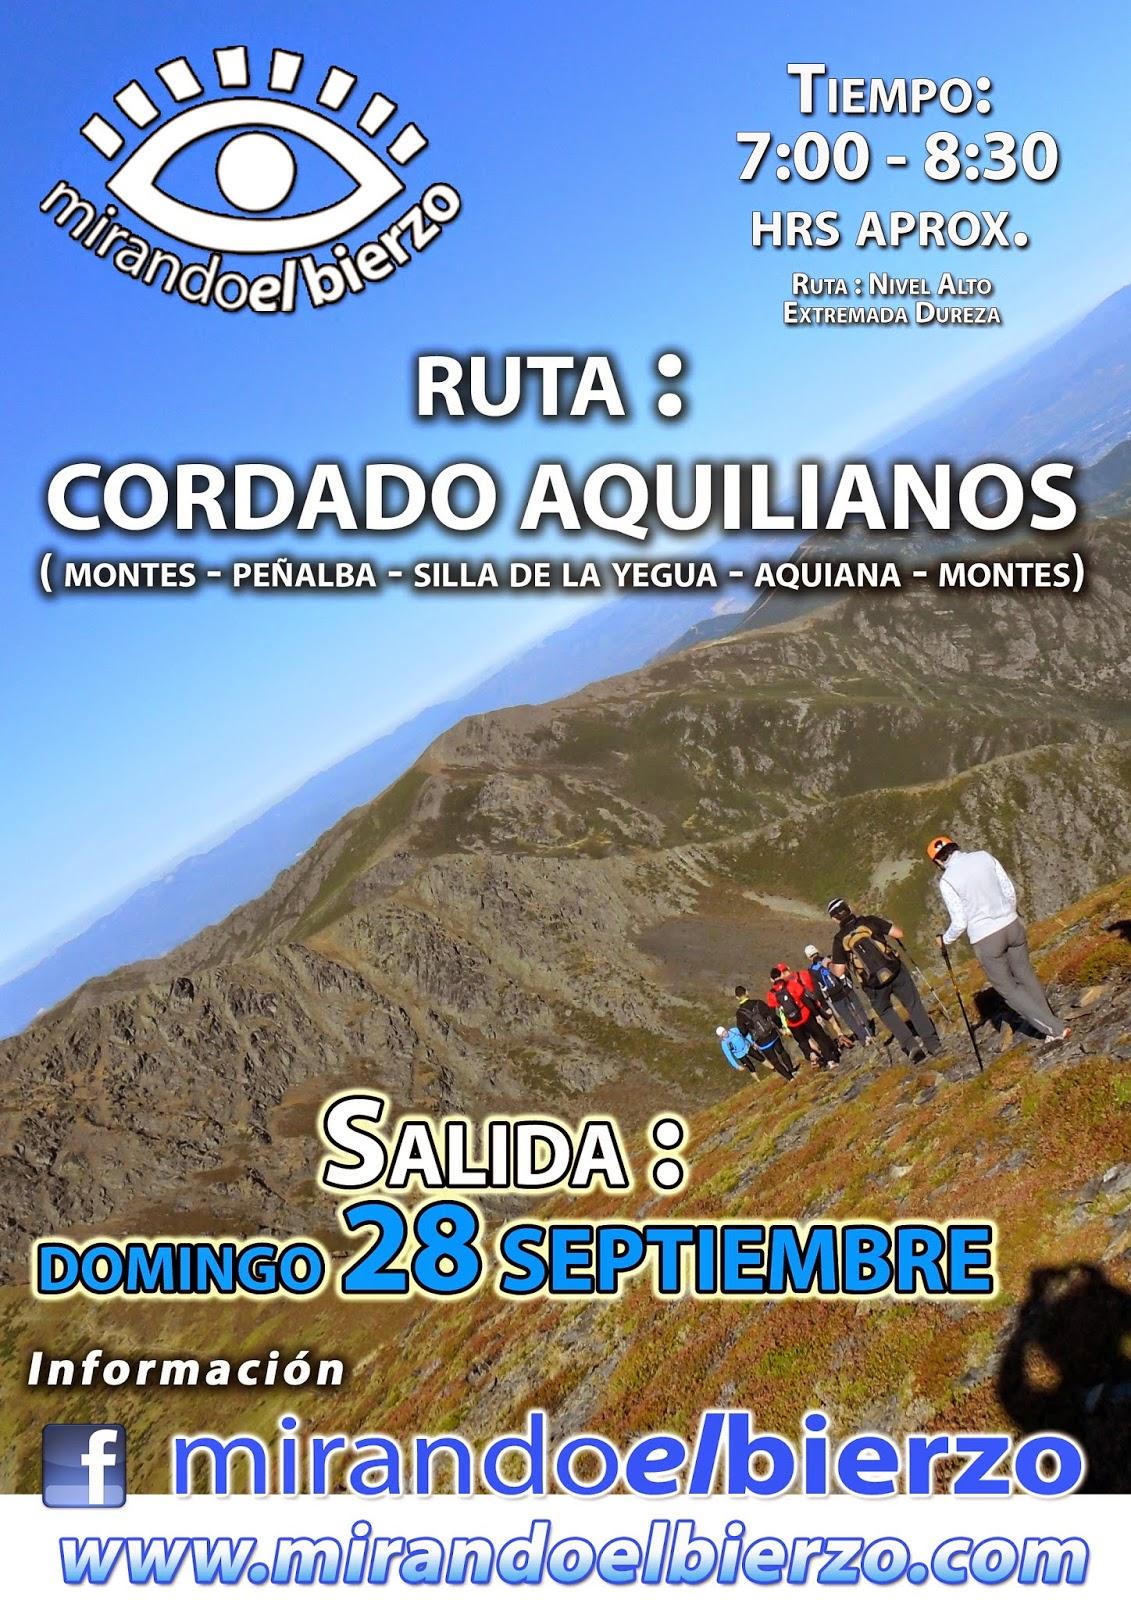 Ruta MirandoelBierzo